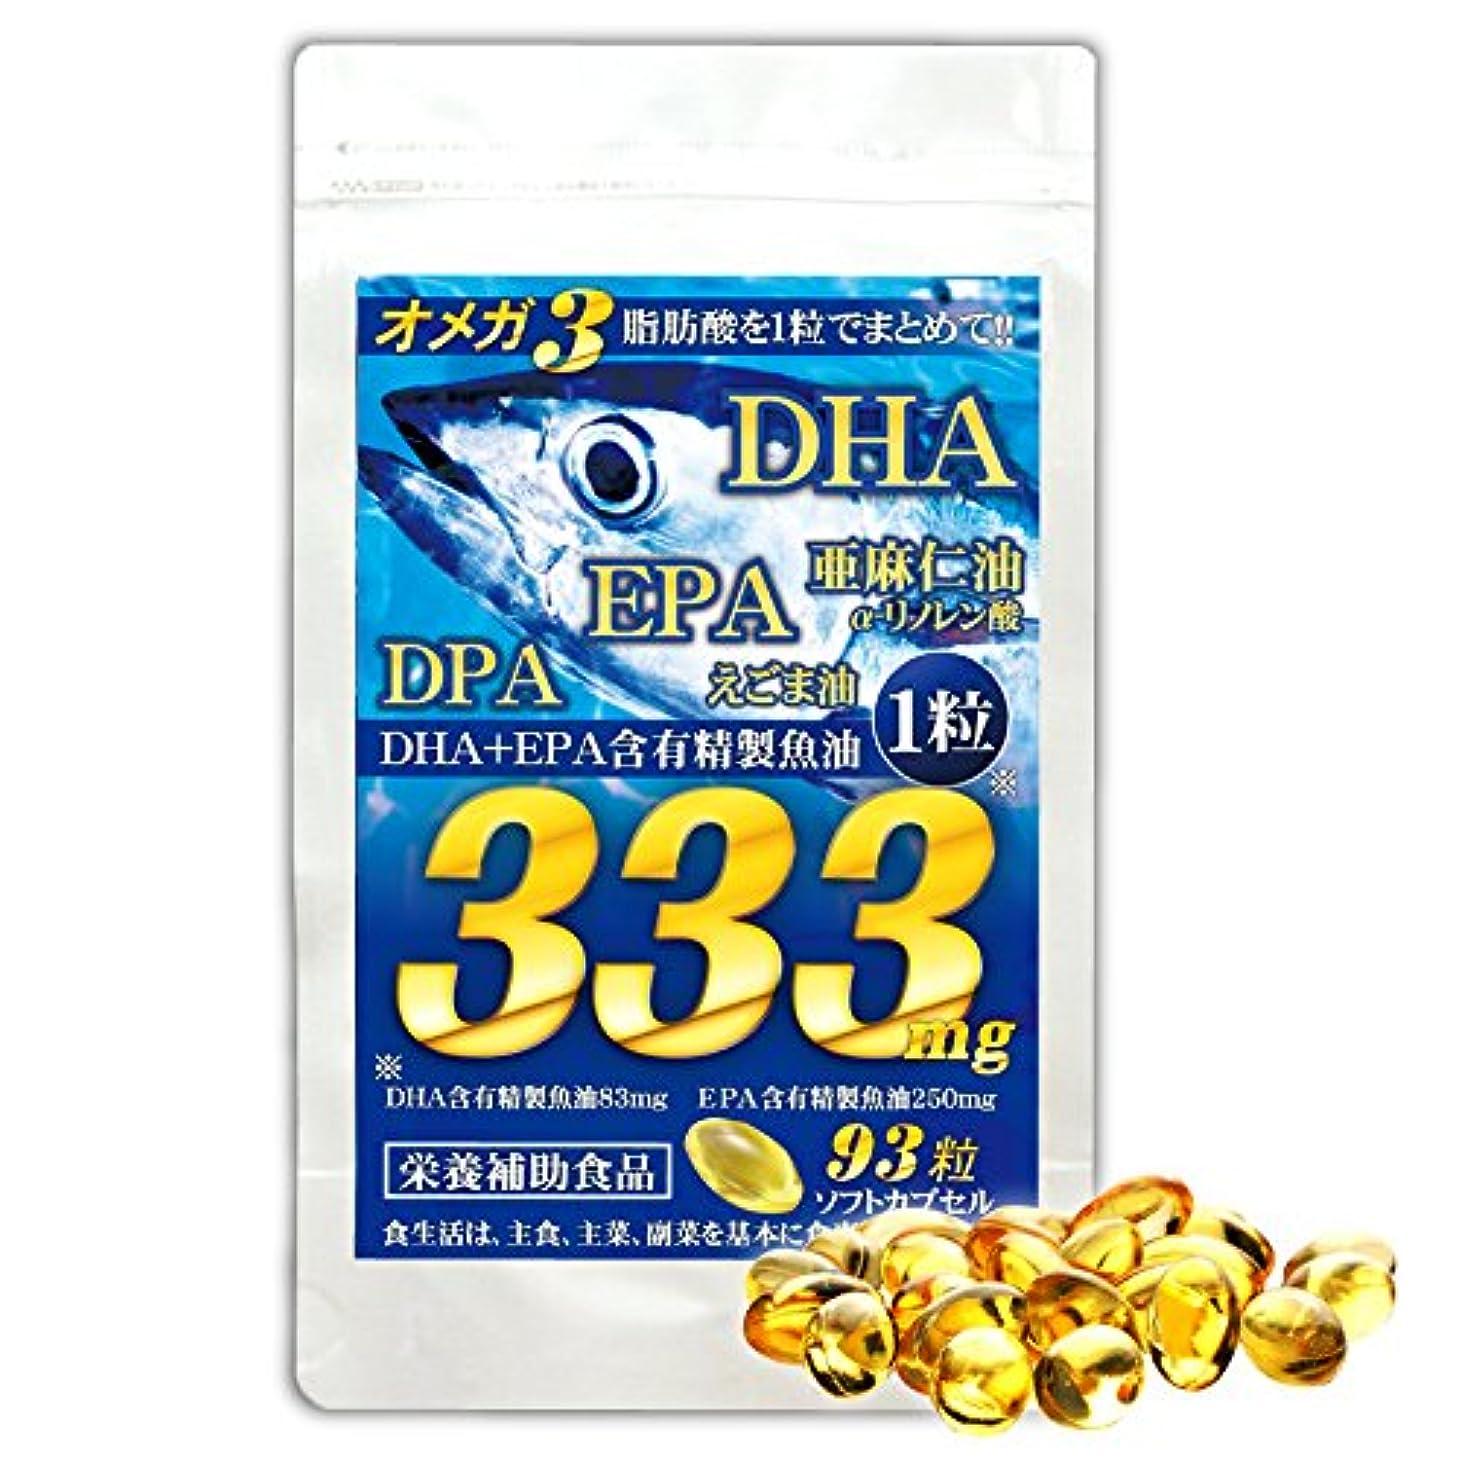 契約したご覧くださいかる(大容量:約3ヵ月分/93粒)超高配合!青魚 de DHA + EPA